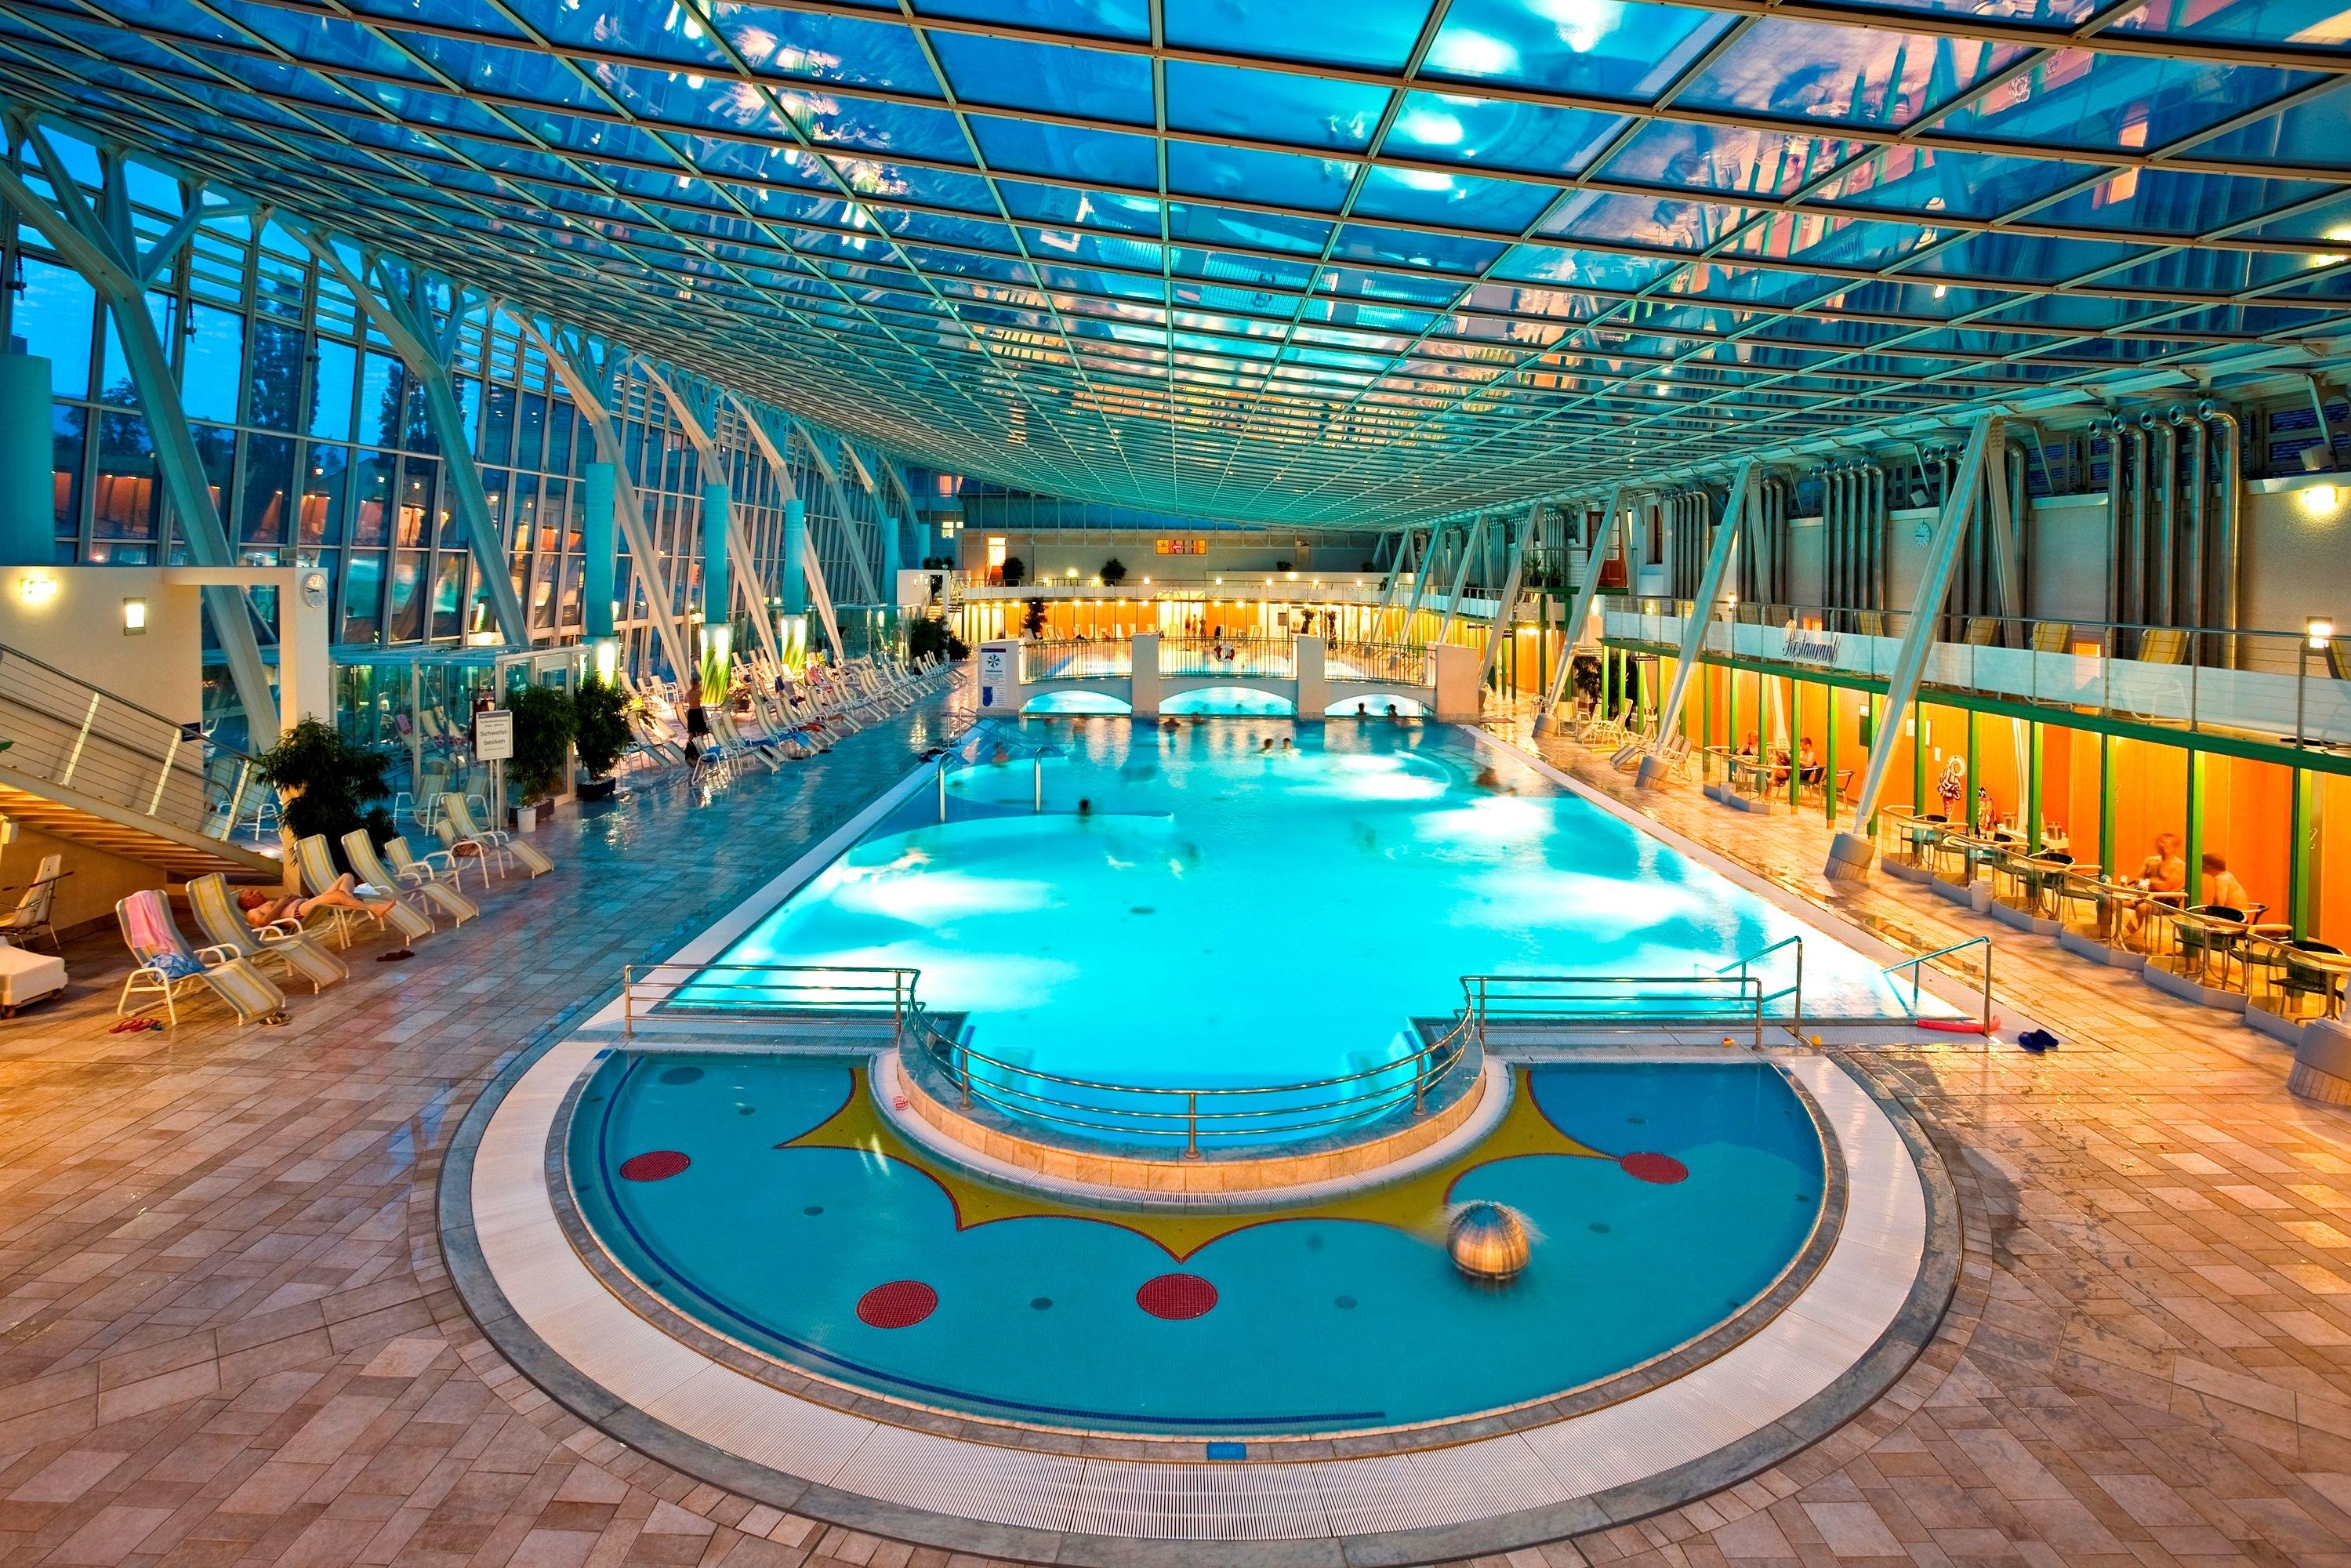 фото аквапарка вена левой ноге аллы